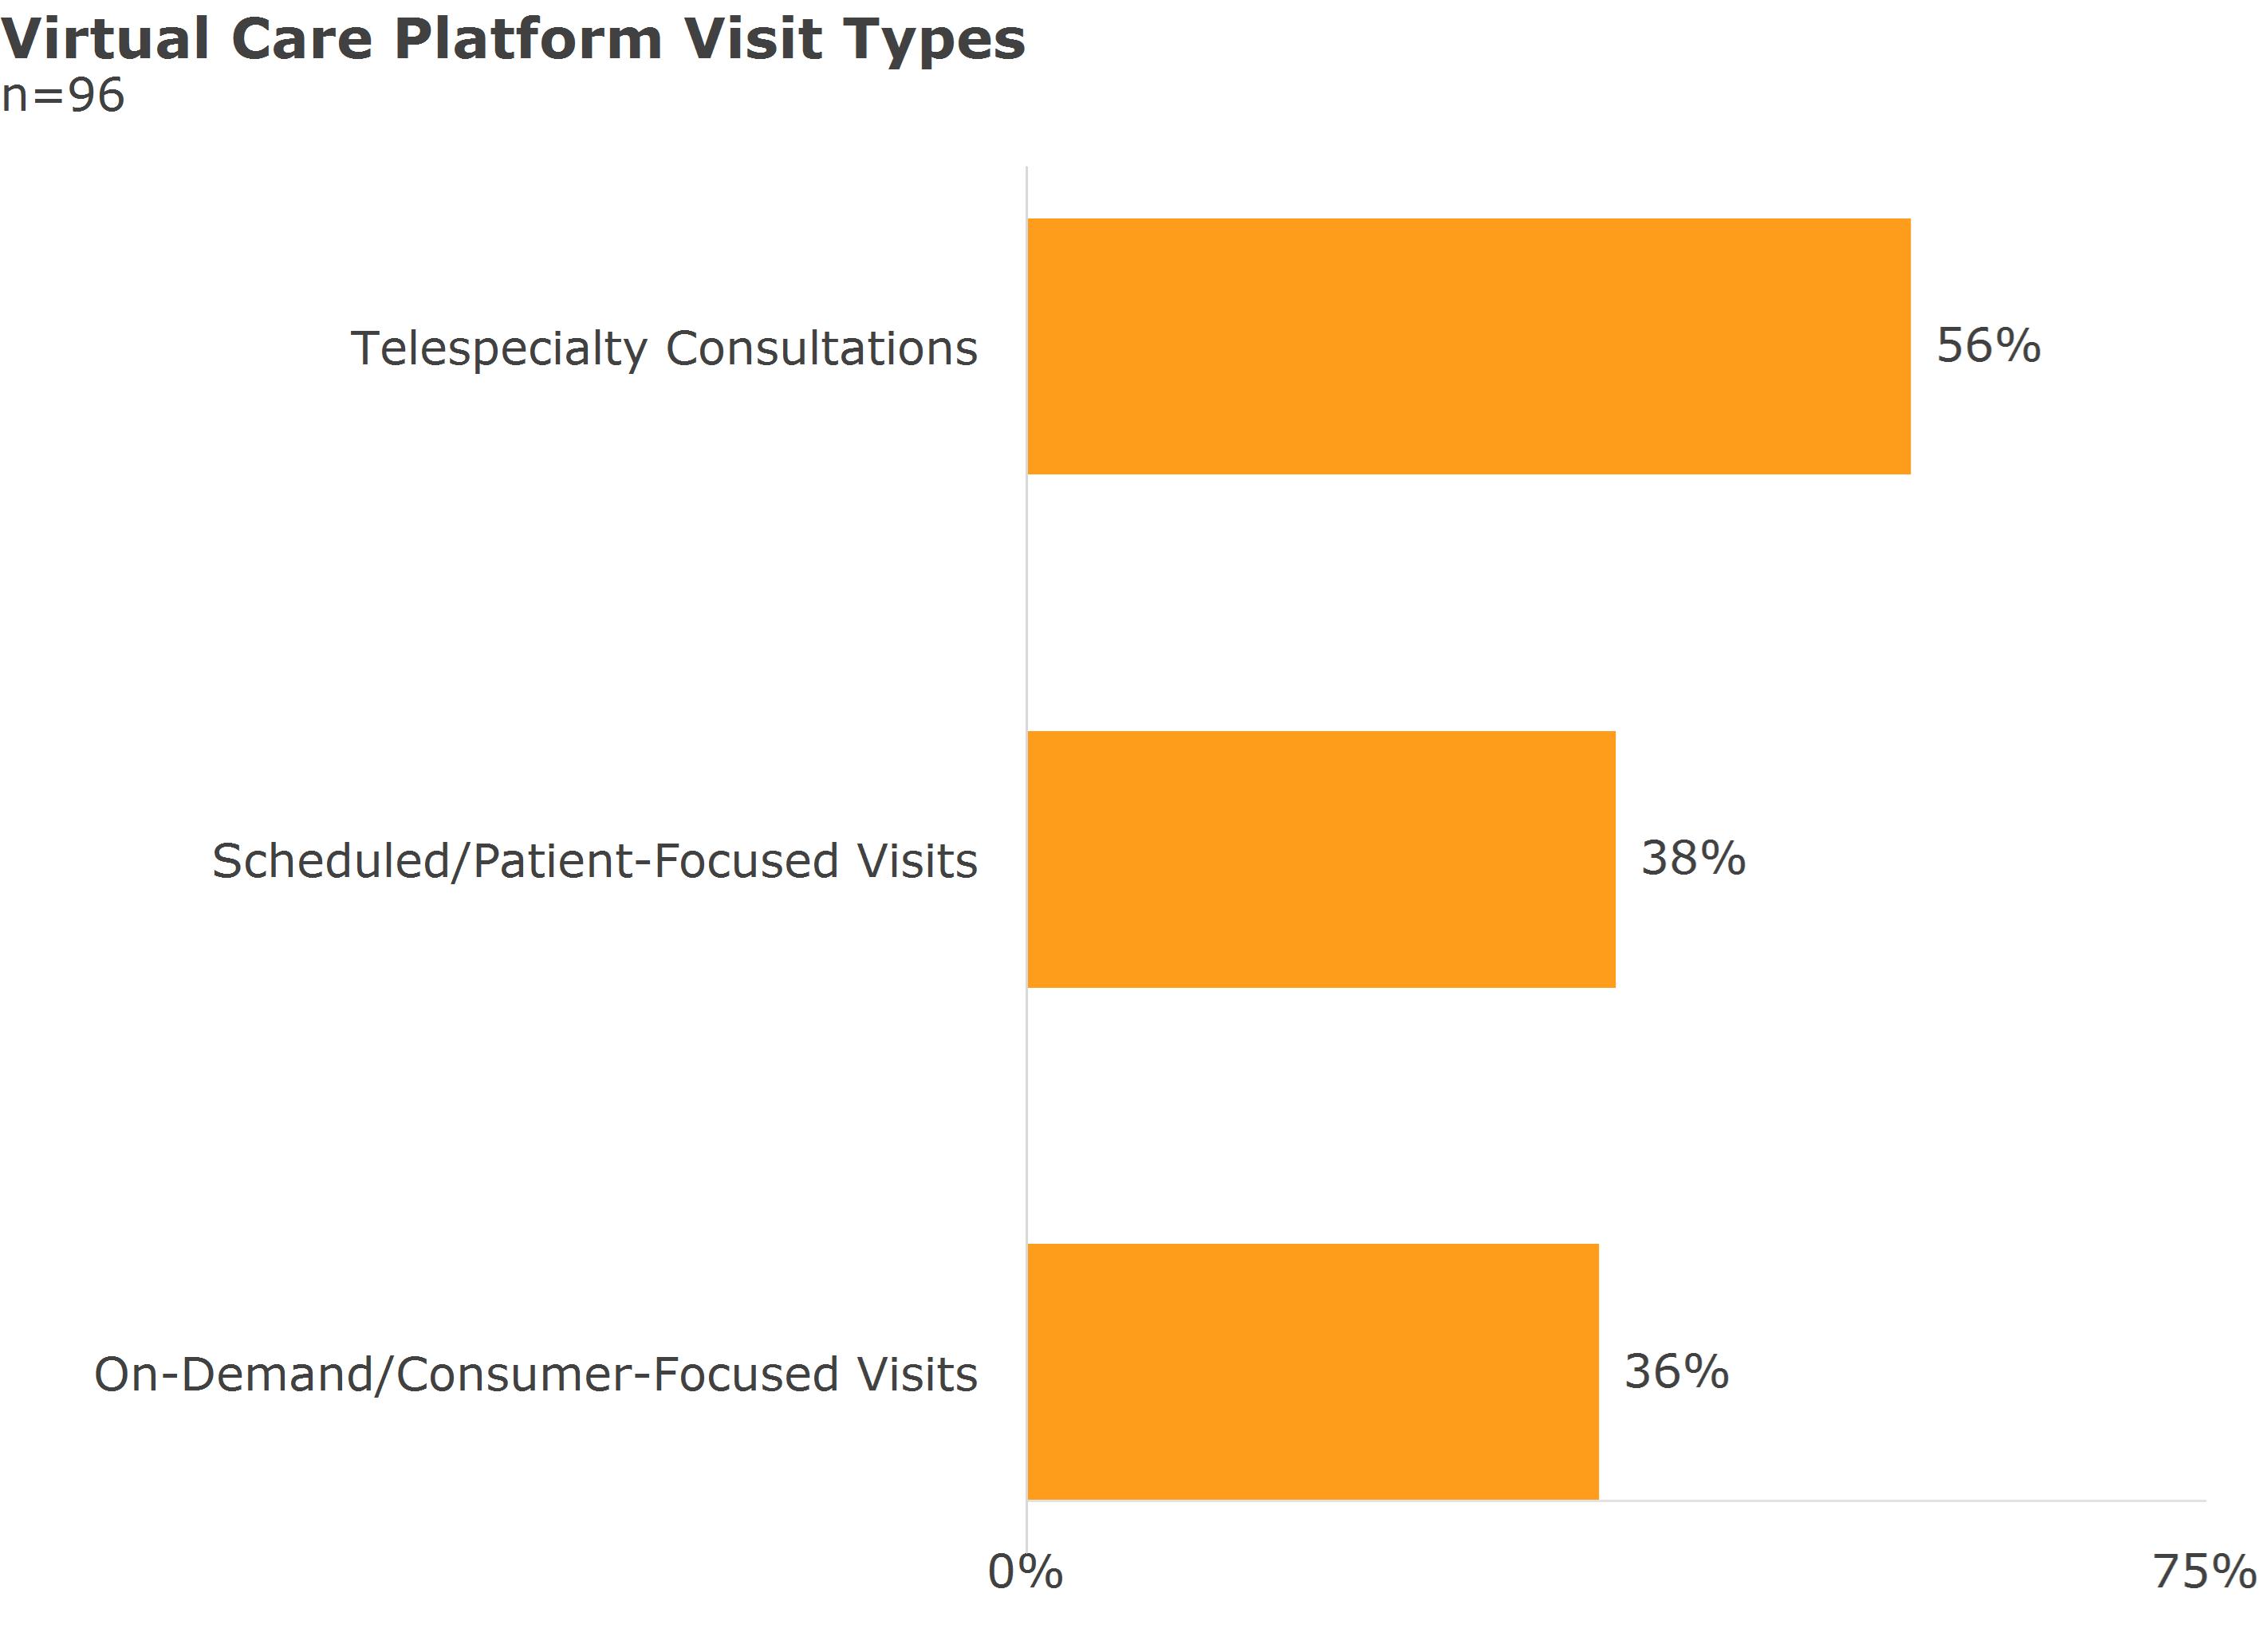 virtual care platform visit types